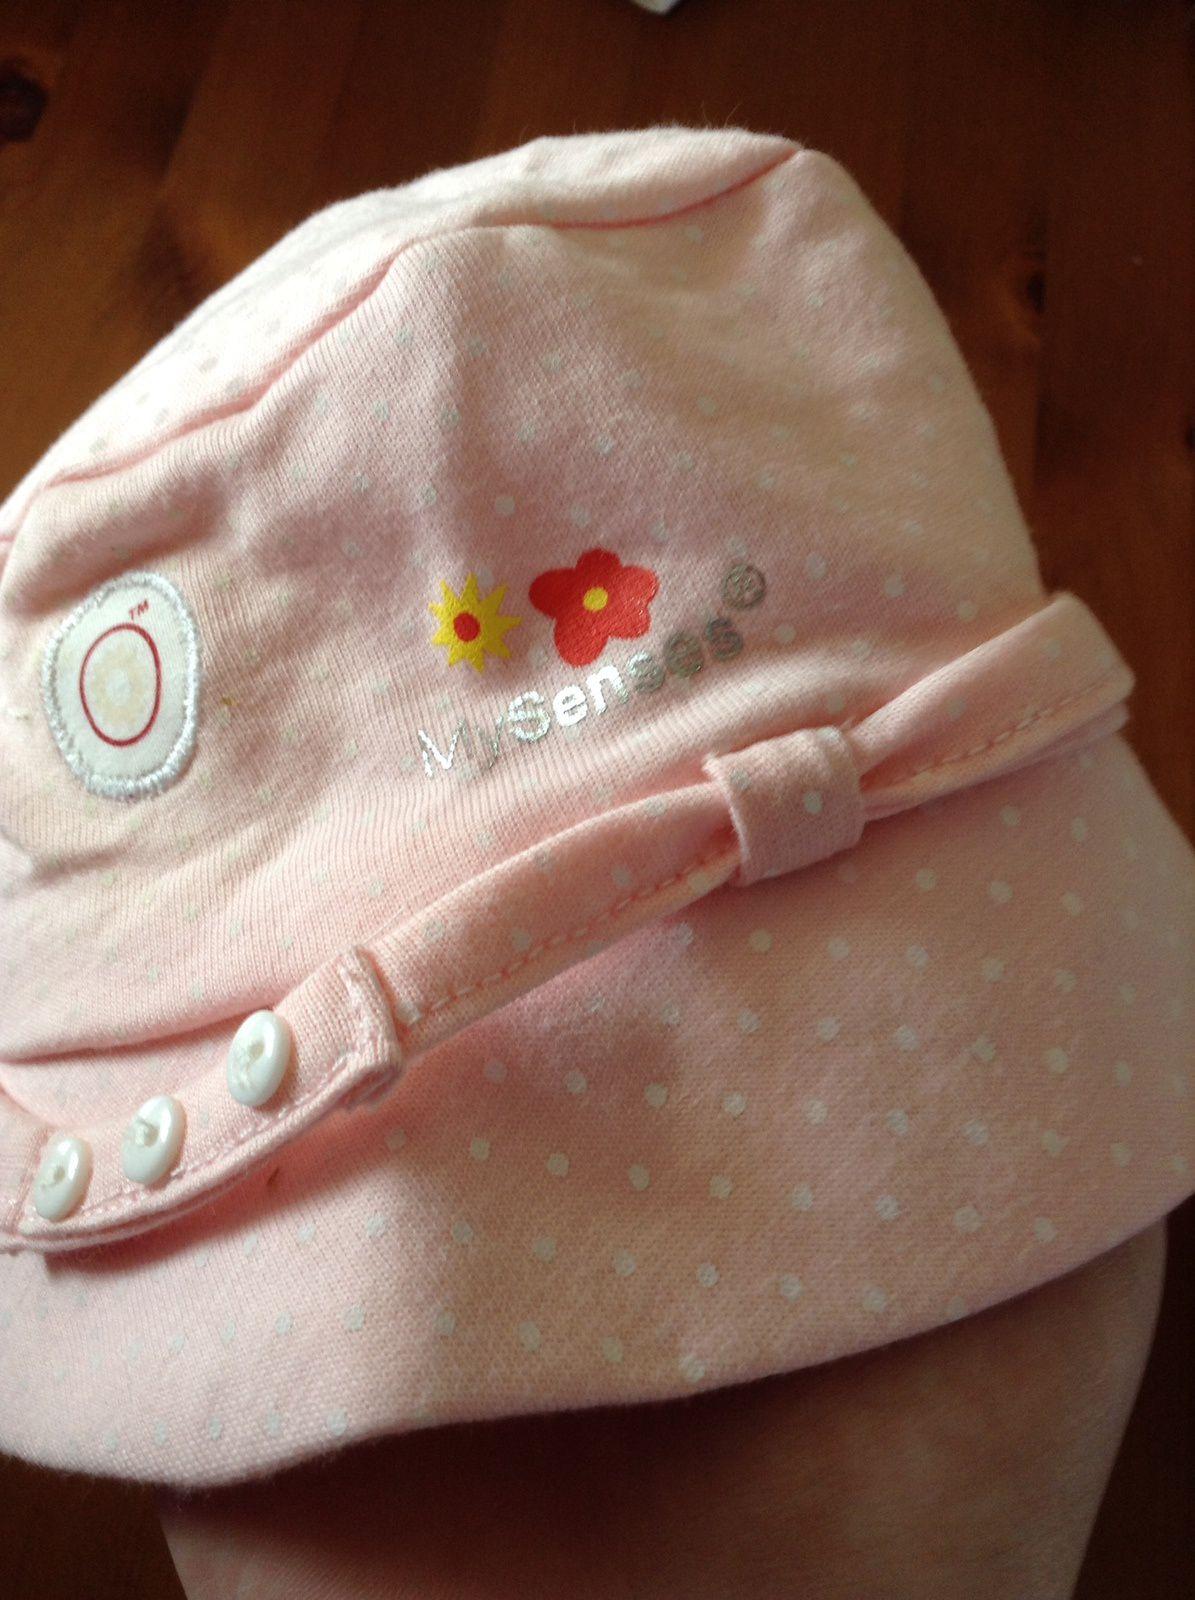 le joli chapeau MySenes de Juline pour cet été avec détecteur de rayon UV !